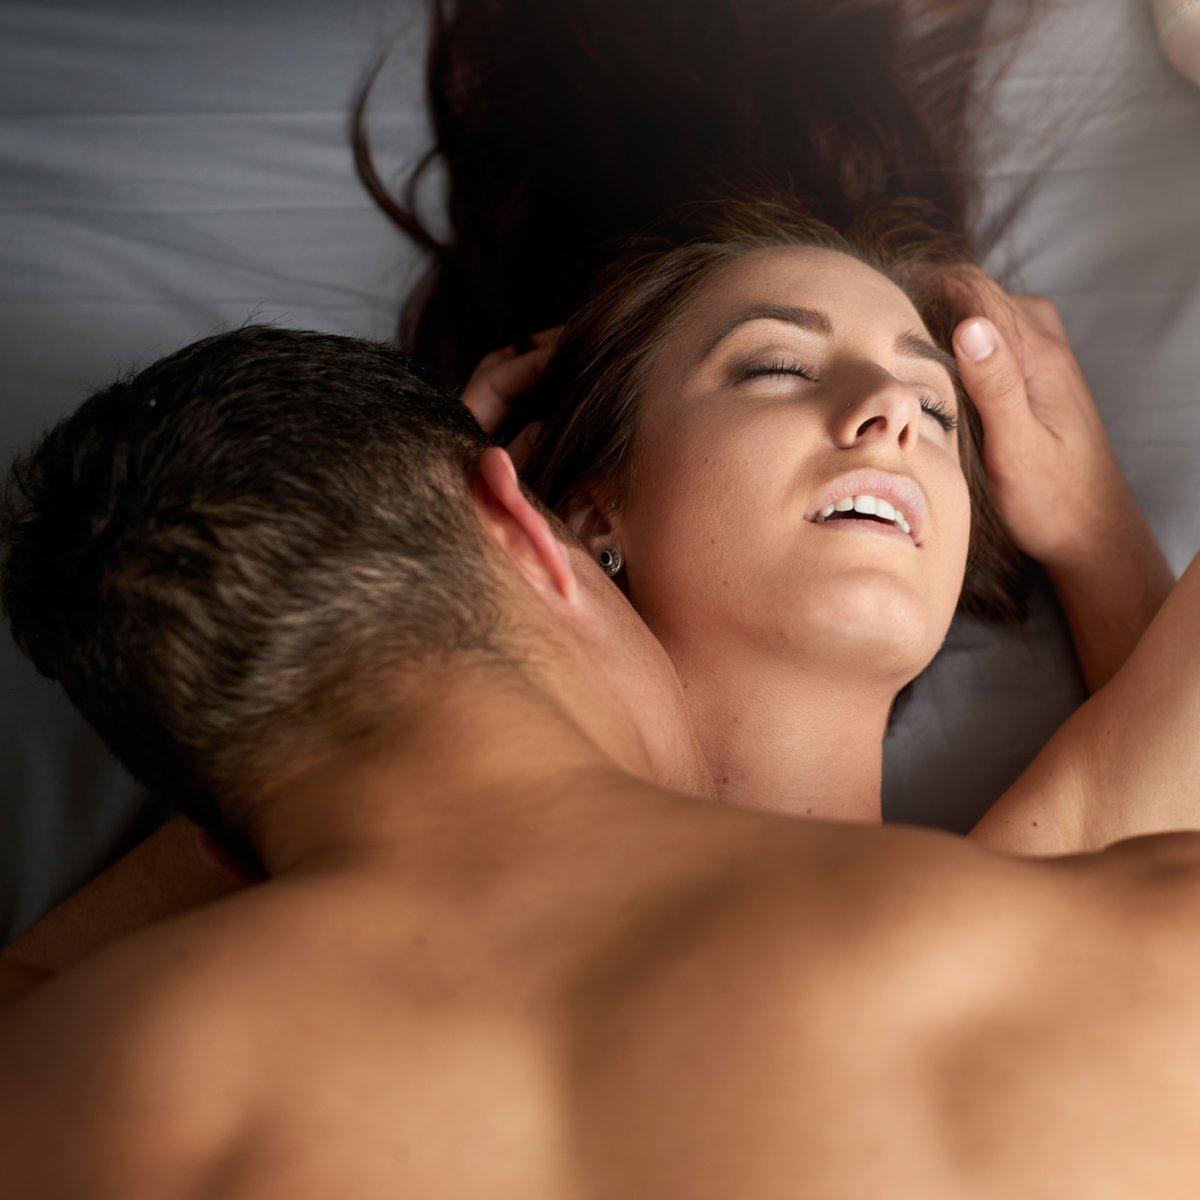 Mädels beim sex